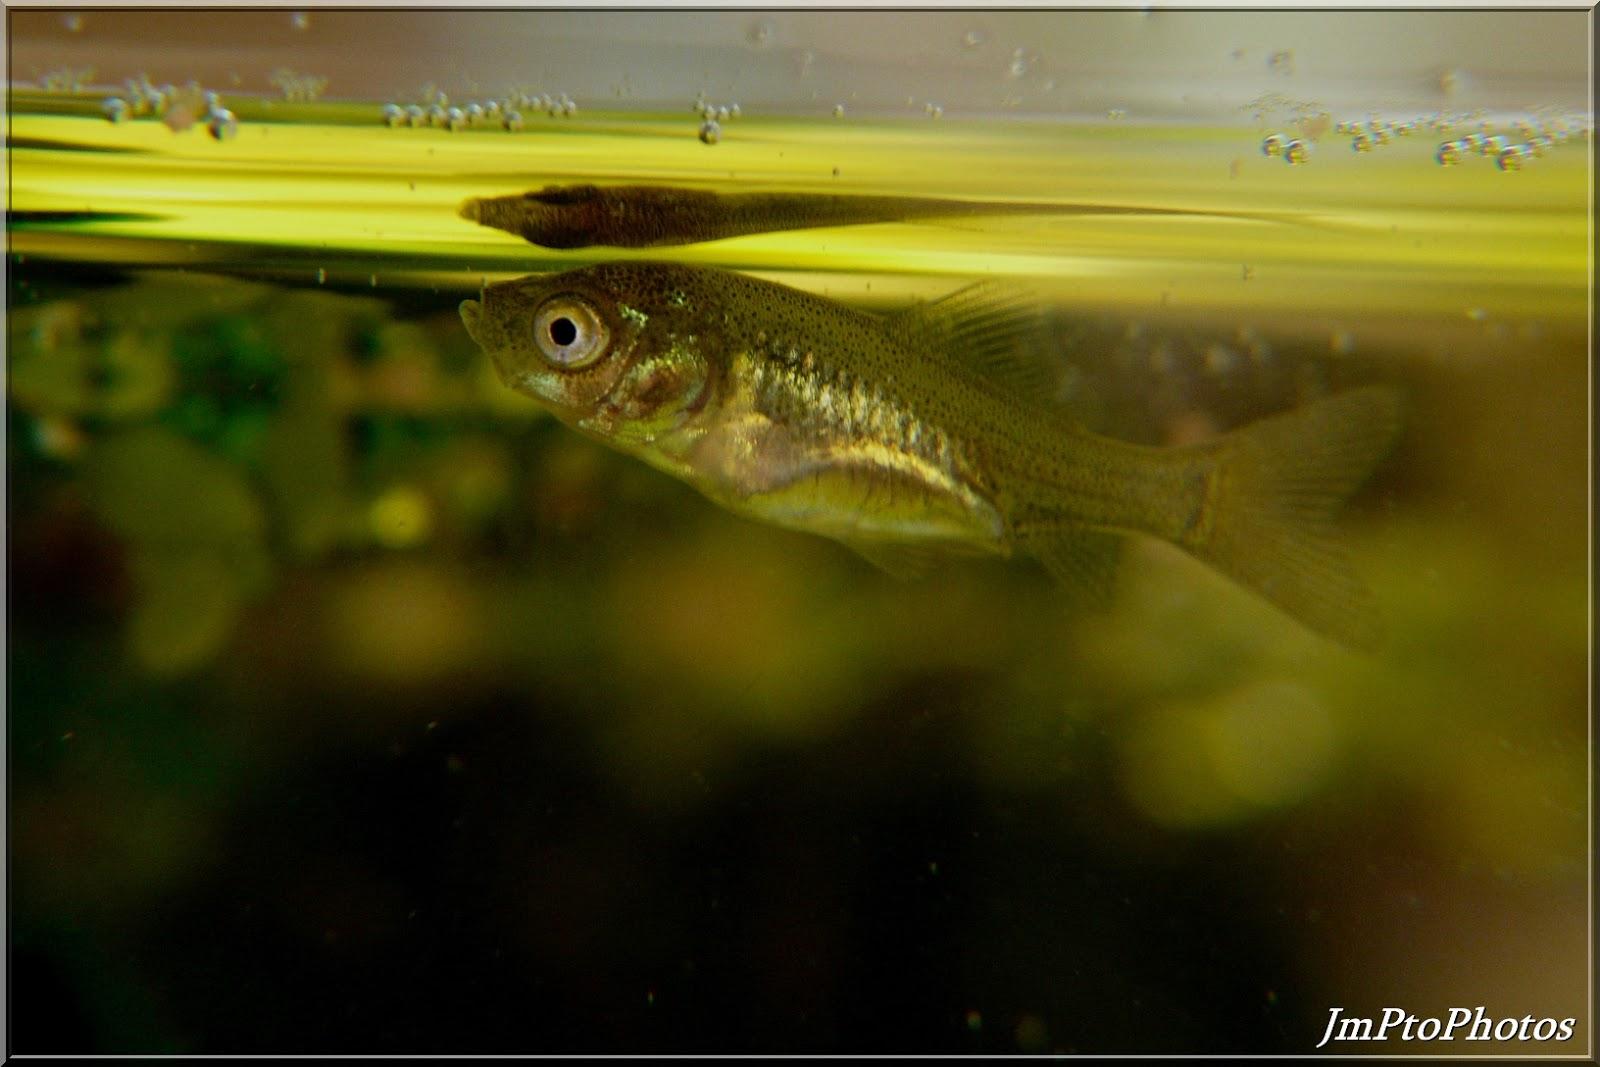 Jmptophotos alevin de poisson rouge for Nourriture poisson rouge 1 mois